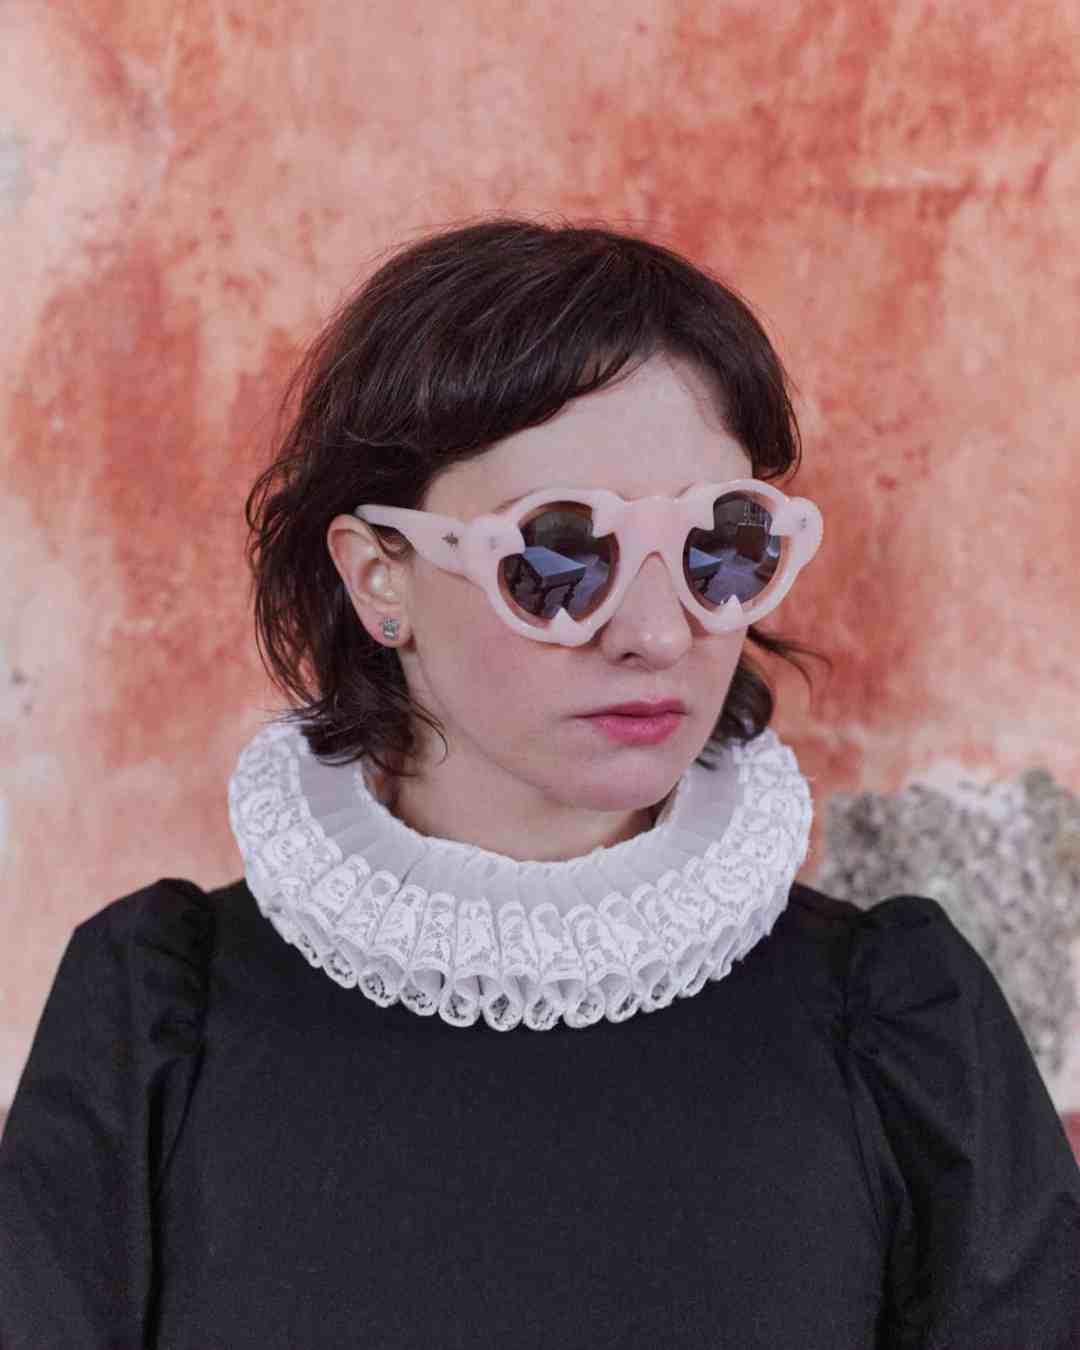 model: Tereza Rozalie Kladosova, Photography copyright Vojta Veskrna